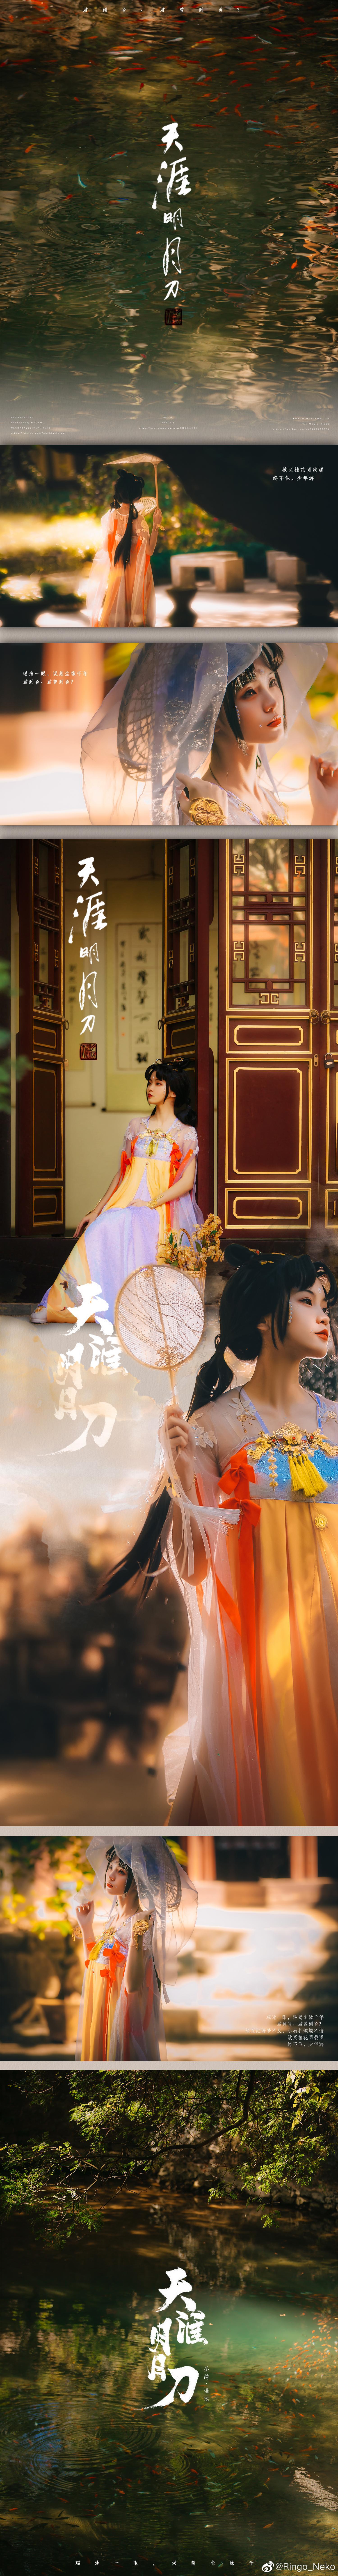 《天涯明月刀OL》正片cosplay【CN:三白在努力产粮】-第2张